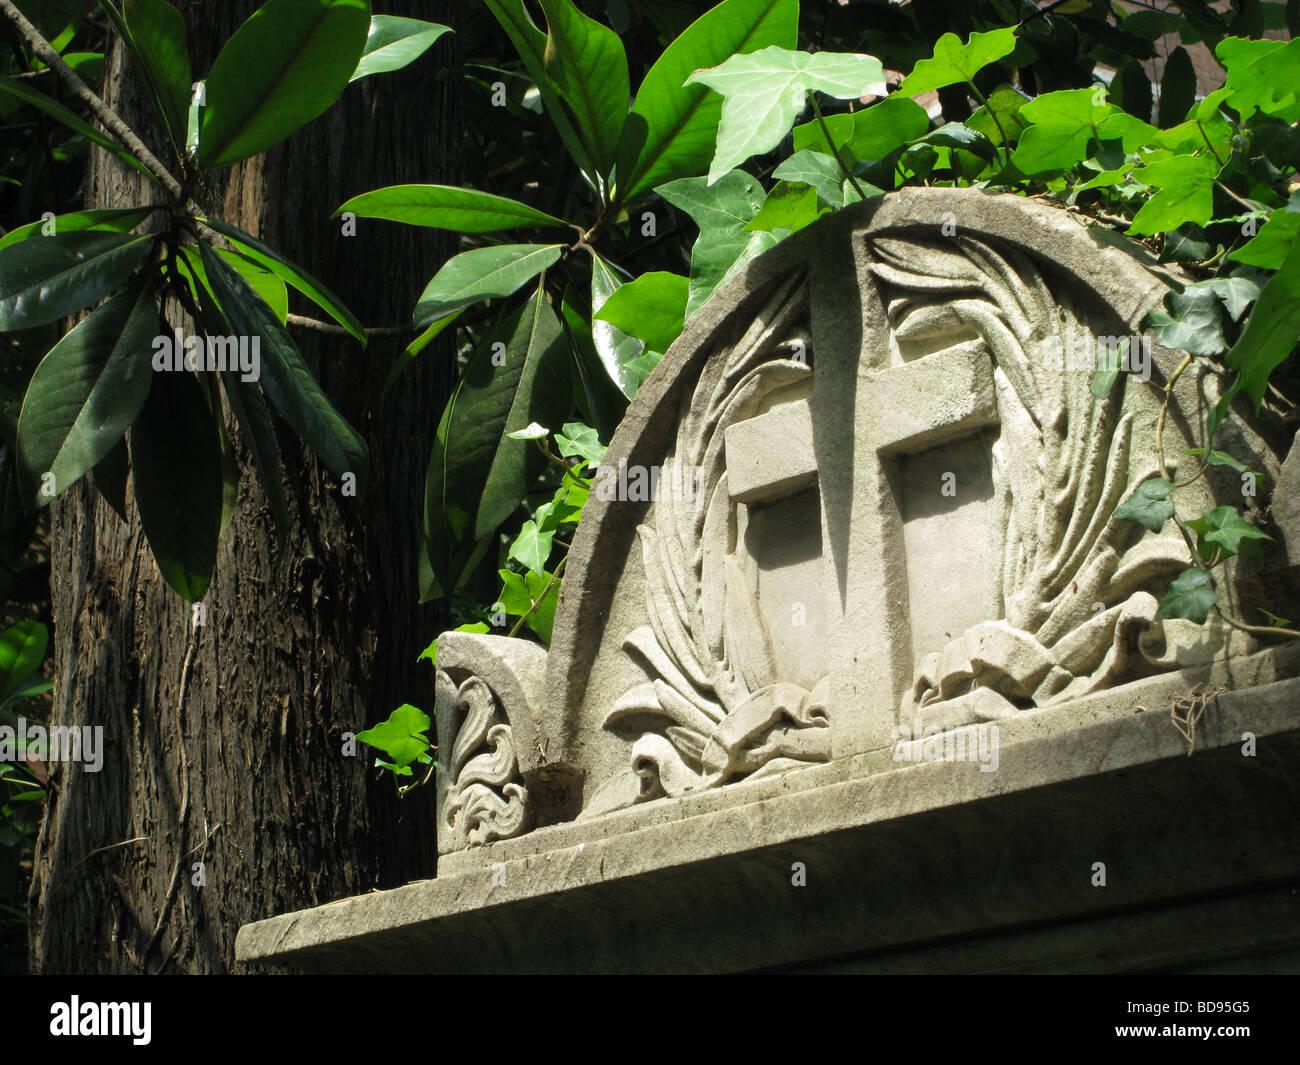 Grabstein in protestantischen Friedhof in der Nähe von Piramide, Rom Stockfoto